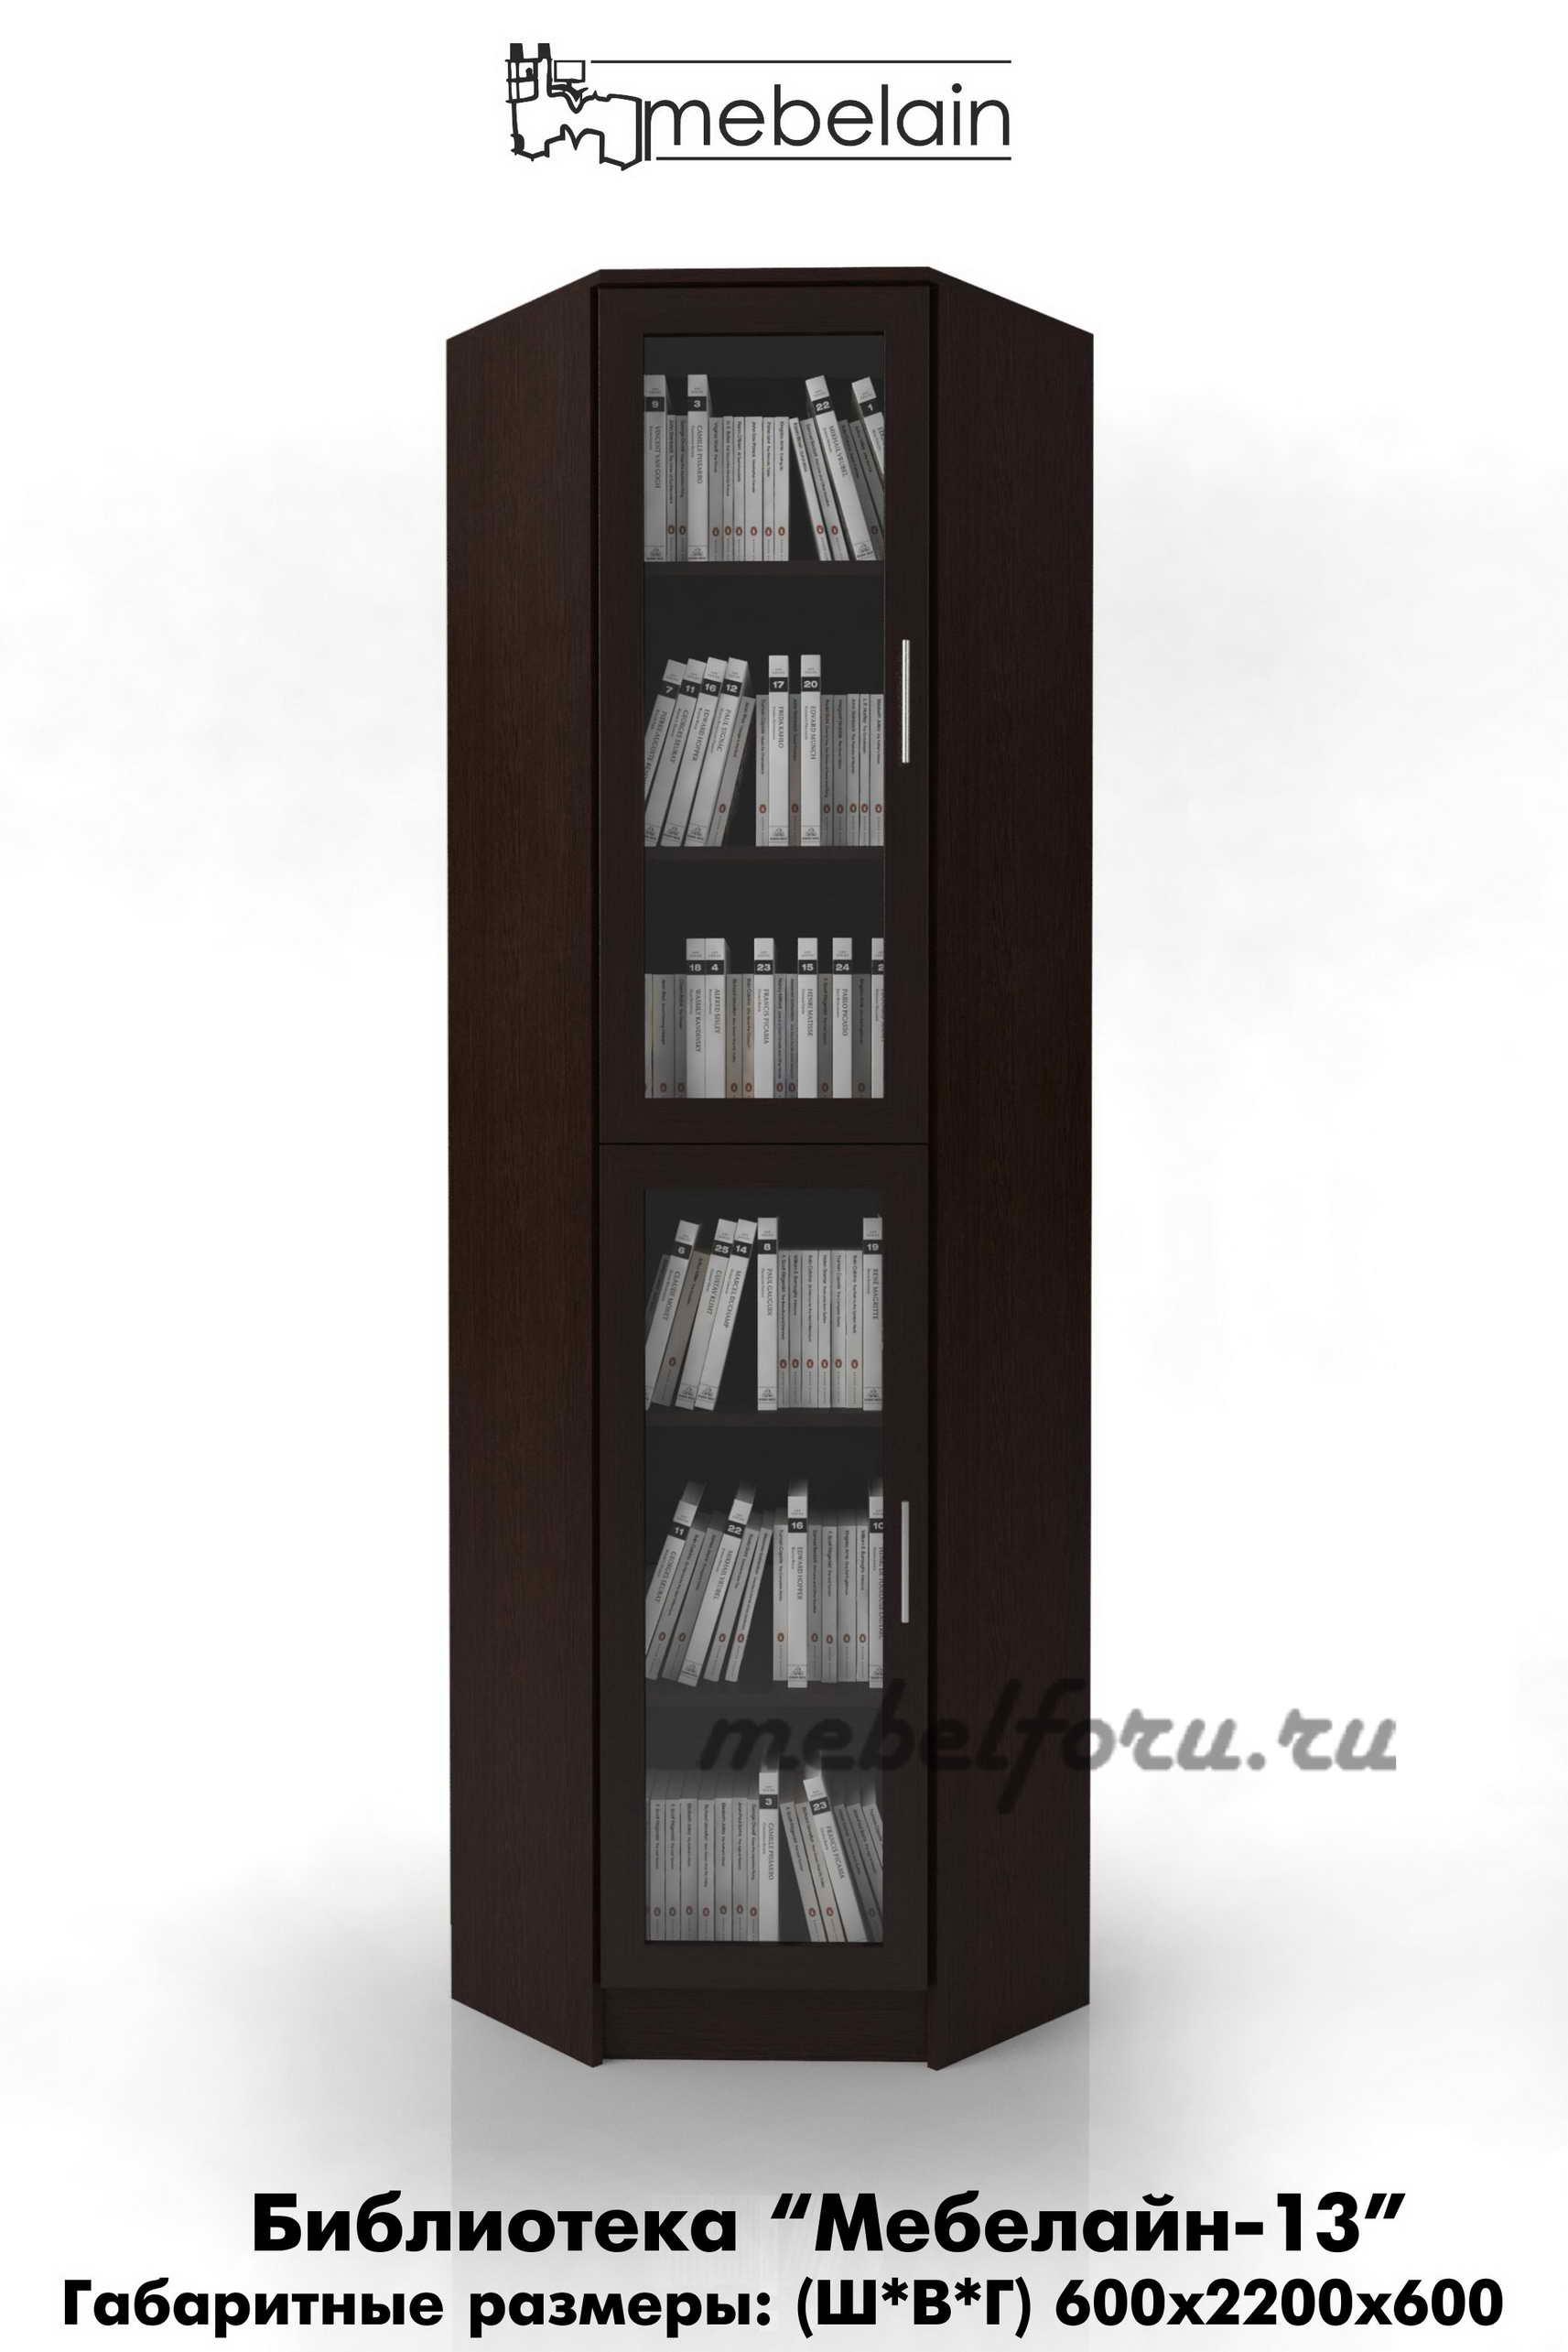 Библиотеки для книг удобные шкафы с ящиками - интернет-магаз.